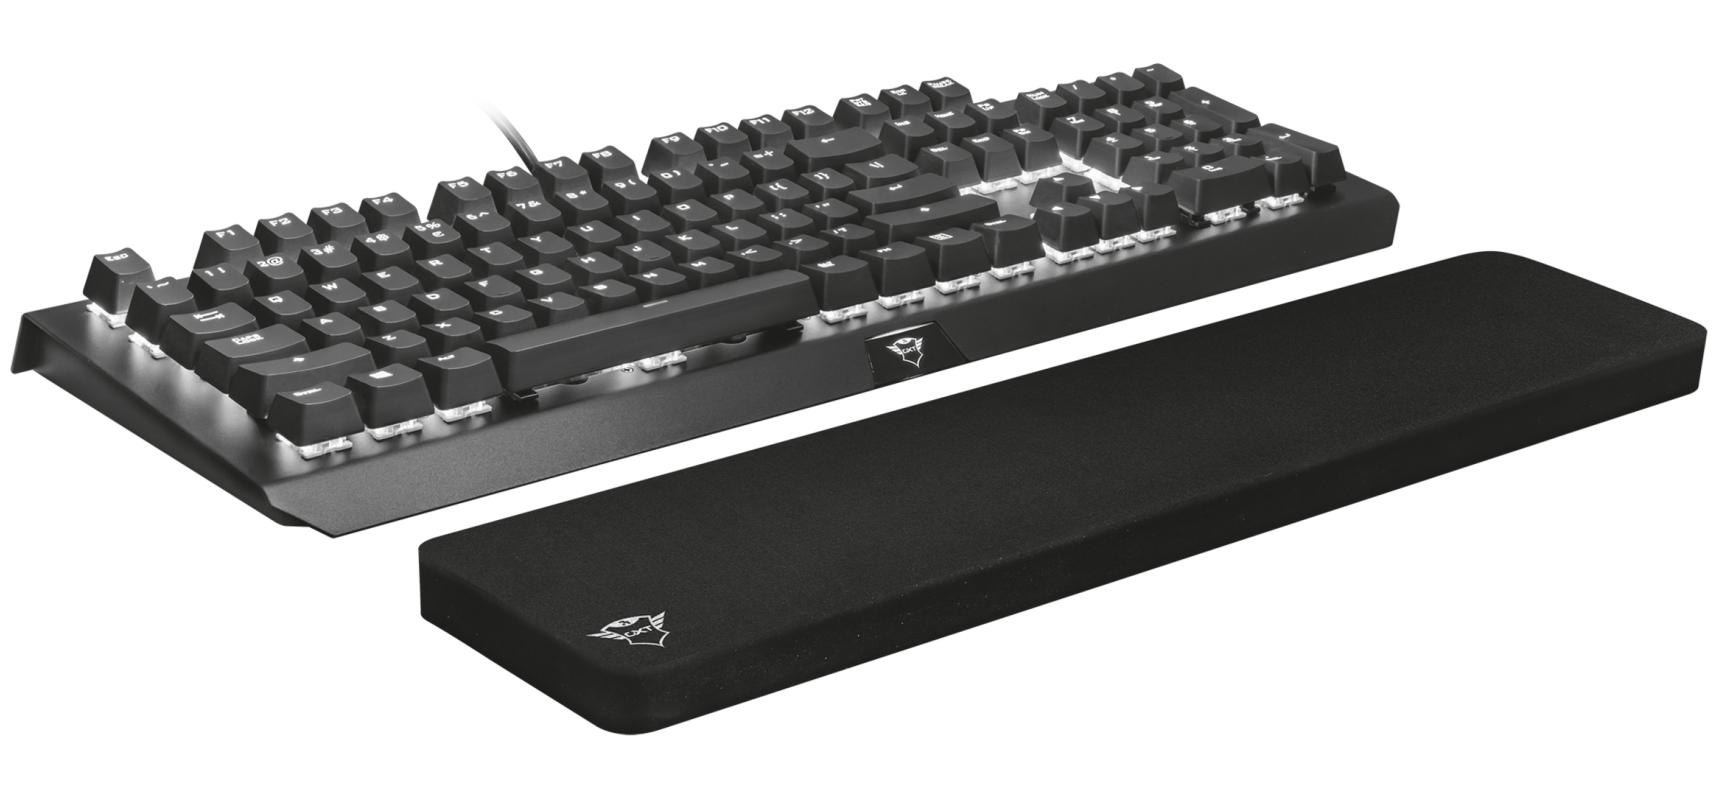 Trust GXT 766 Flide Keyboard Wrist Pad